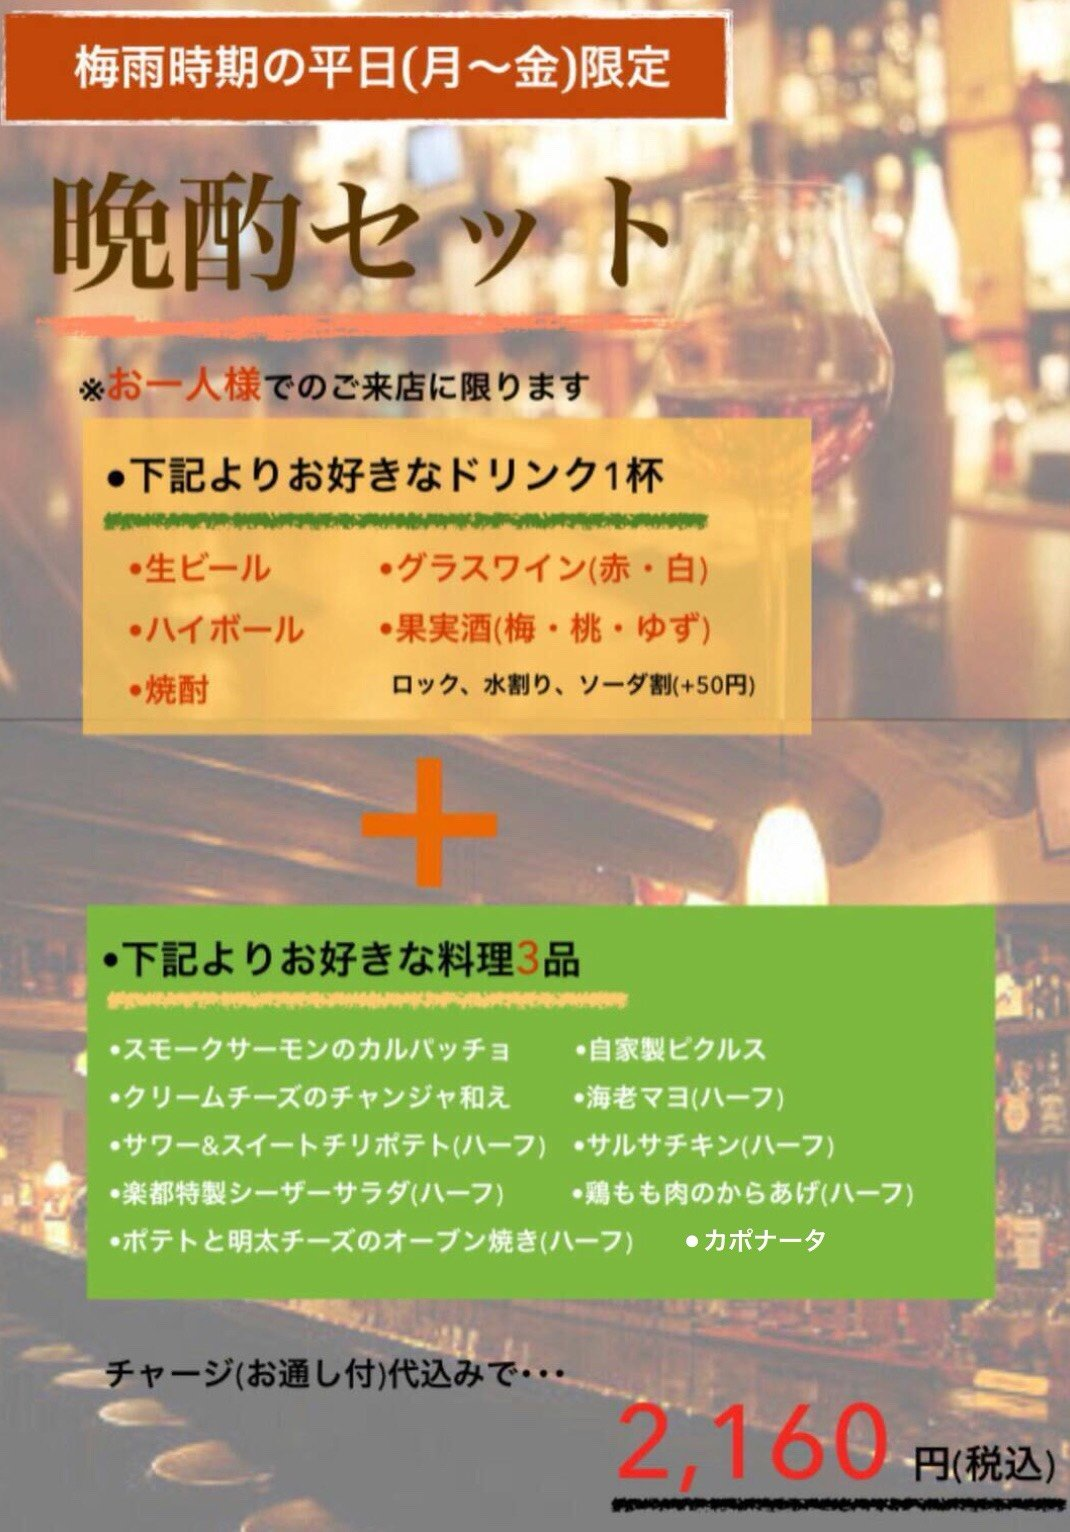 【楽都】シフト【6/19~25マデ】【ダイニングバー楽都】